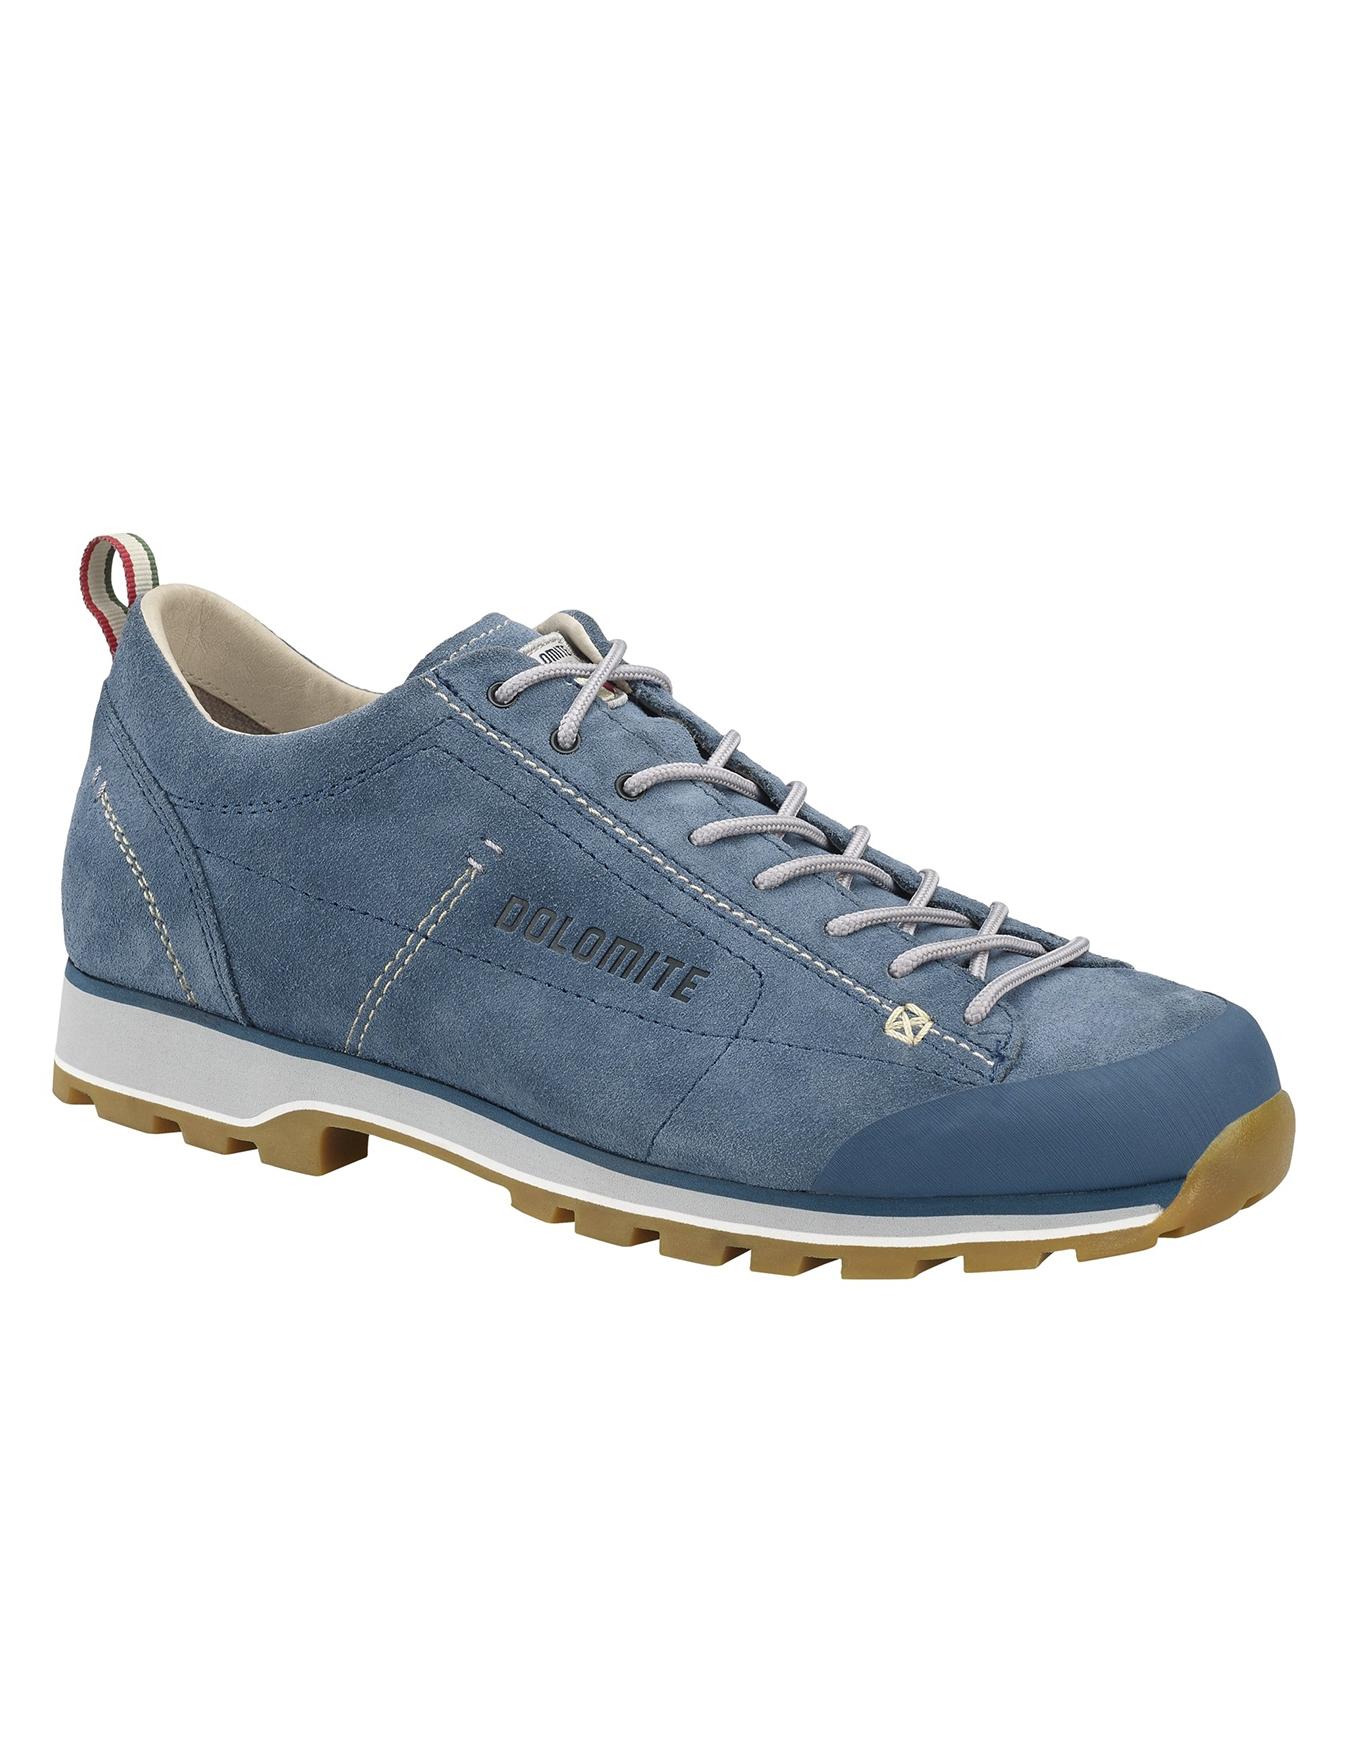 Dolomite Chaussures de Marche Nordique pour Homme